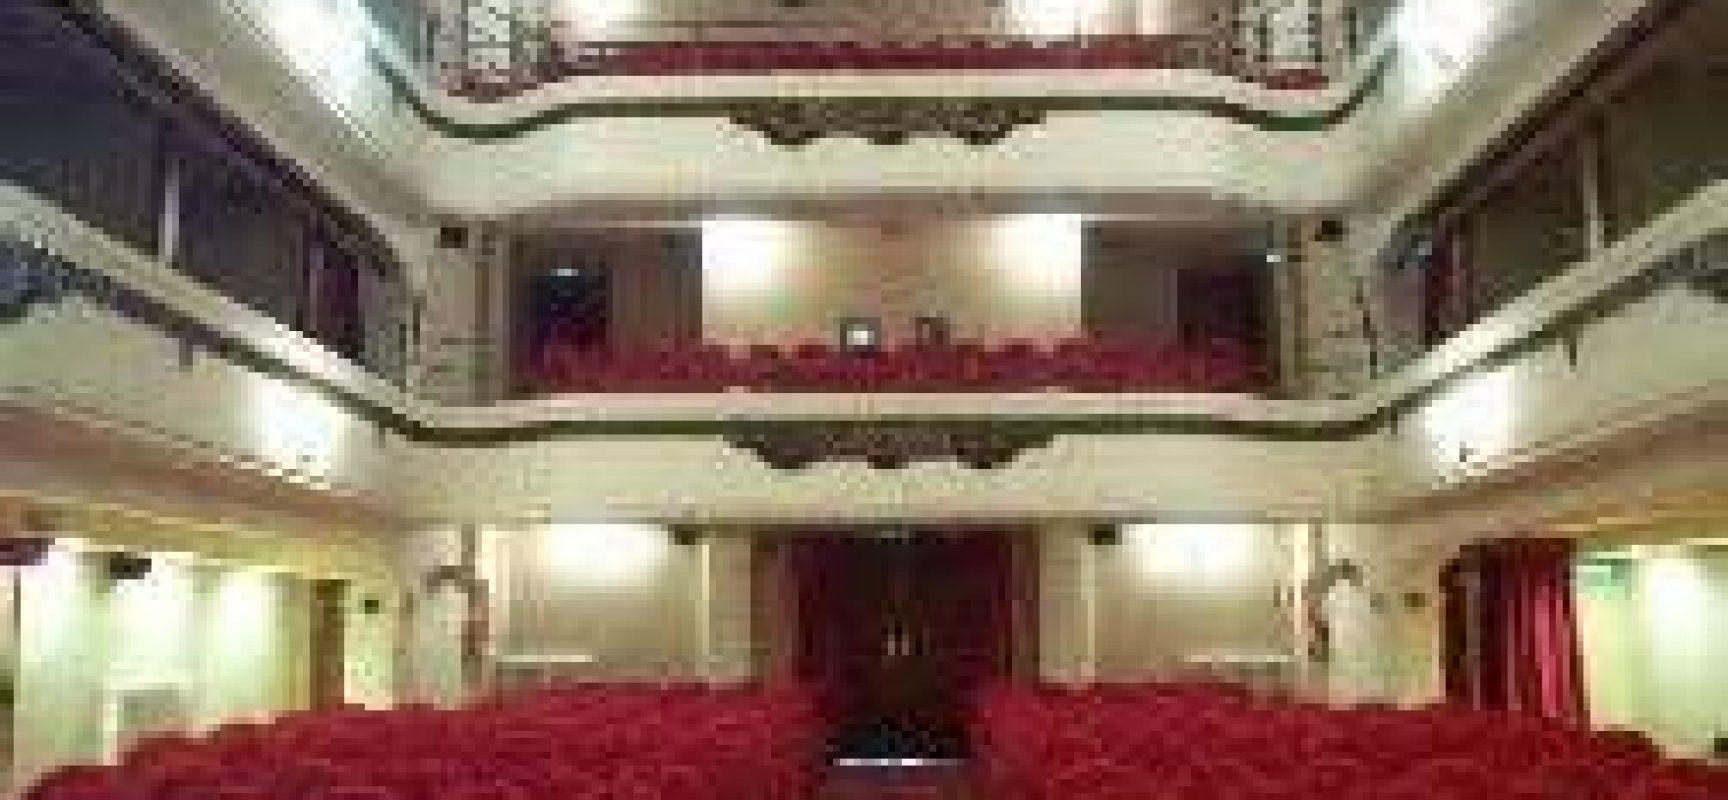 Teatro, Agenda spettacoli Campania